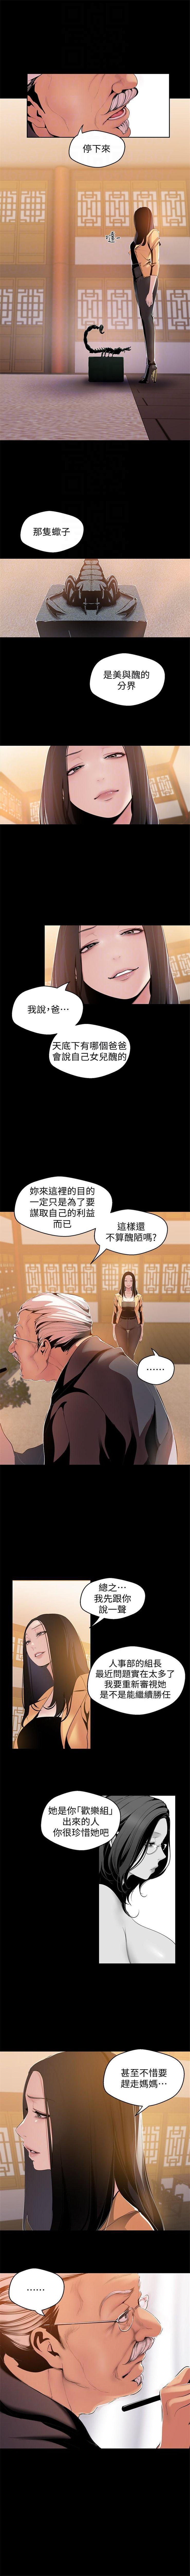 (週1)美麗新世界 1-70 中文翻譯 (更新中) 412